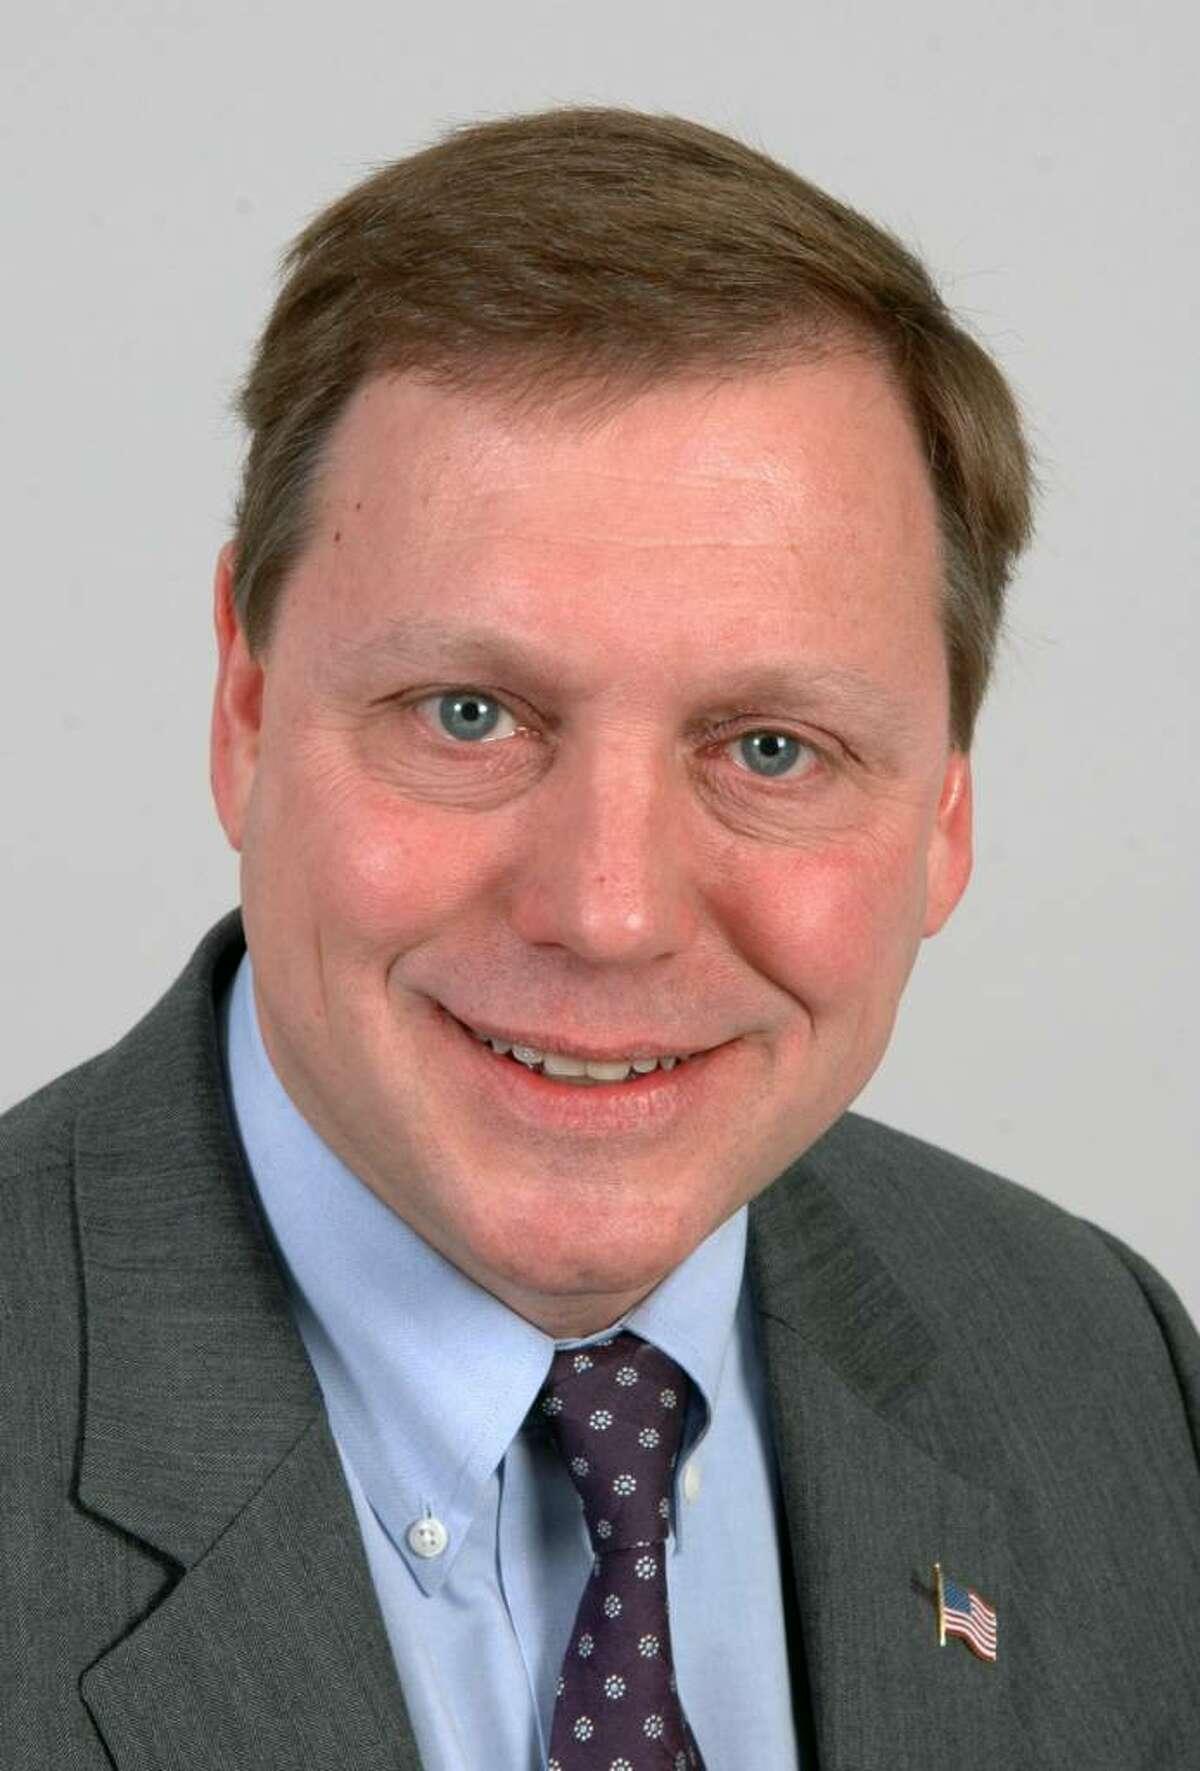 John Harkins, Republican candidate for Stratford Mayor October 14, 2009